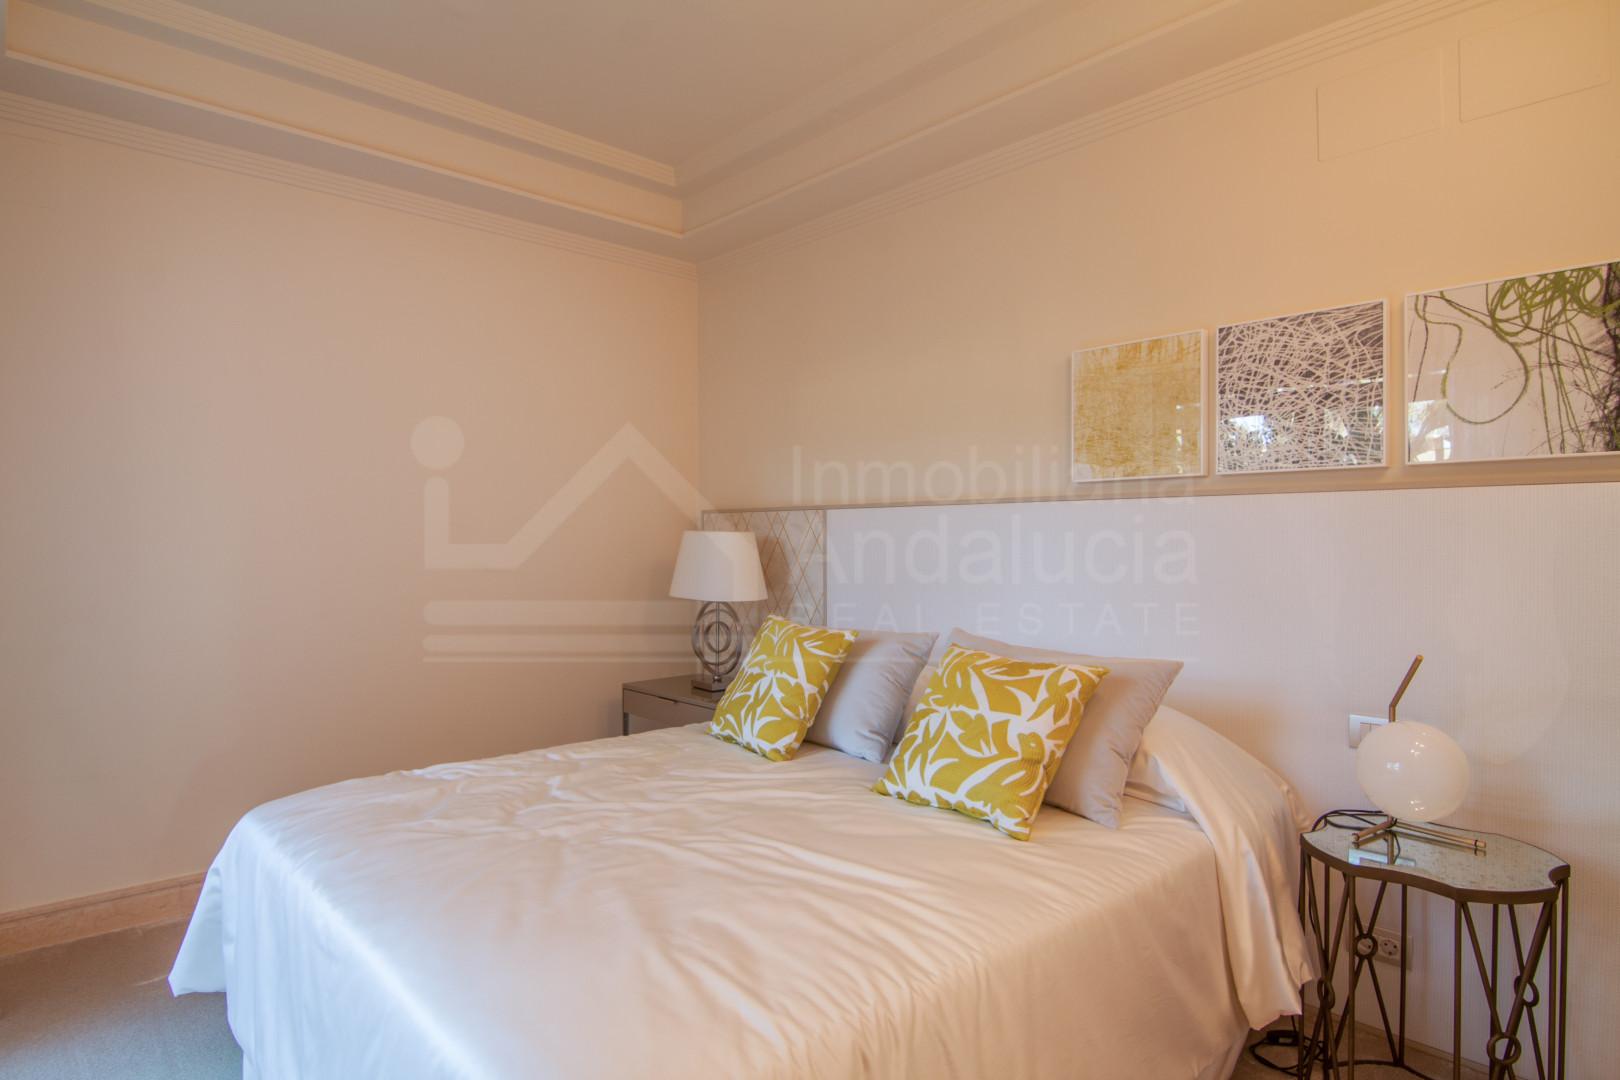 Three-bedroom apartment with spectacular sea views for sale in Los Granados del Mar, Estepona